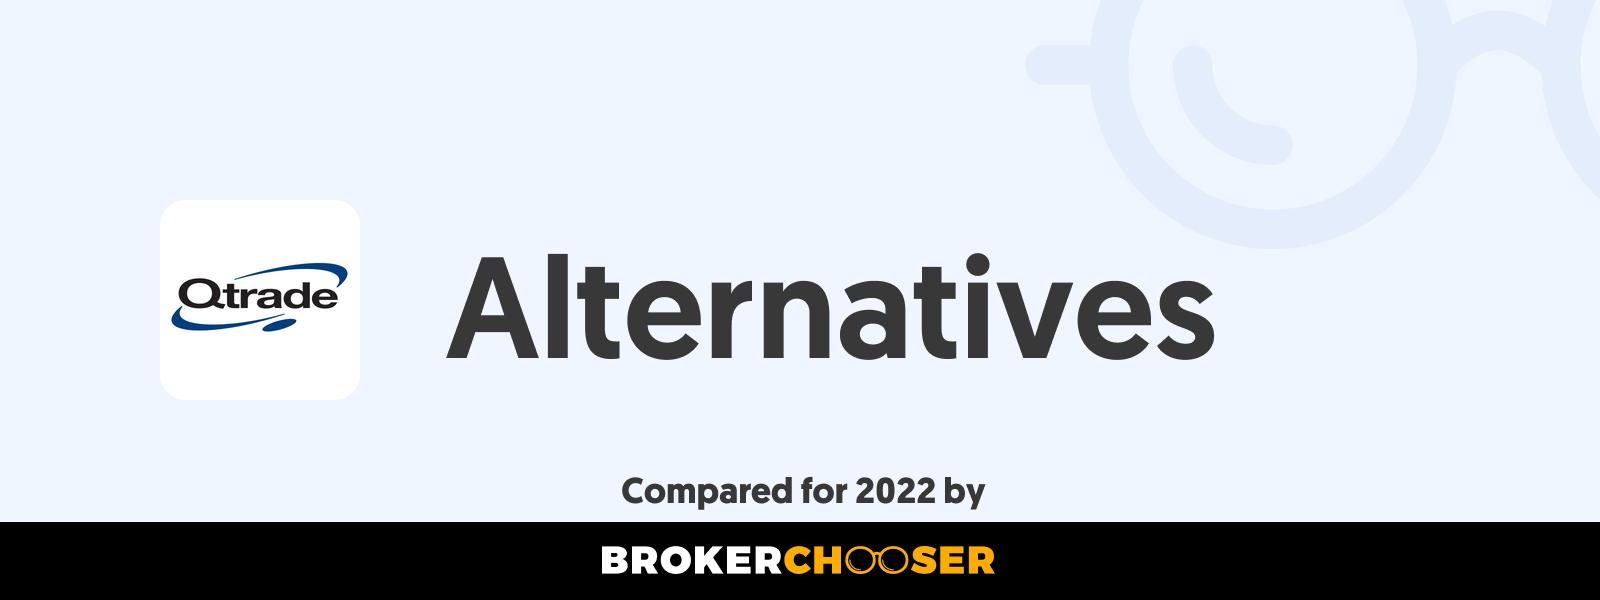 Qtrade Alternatives